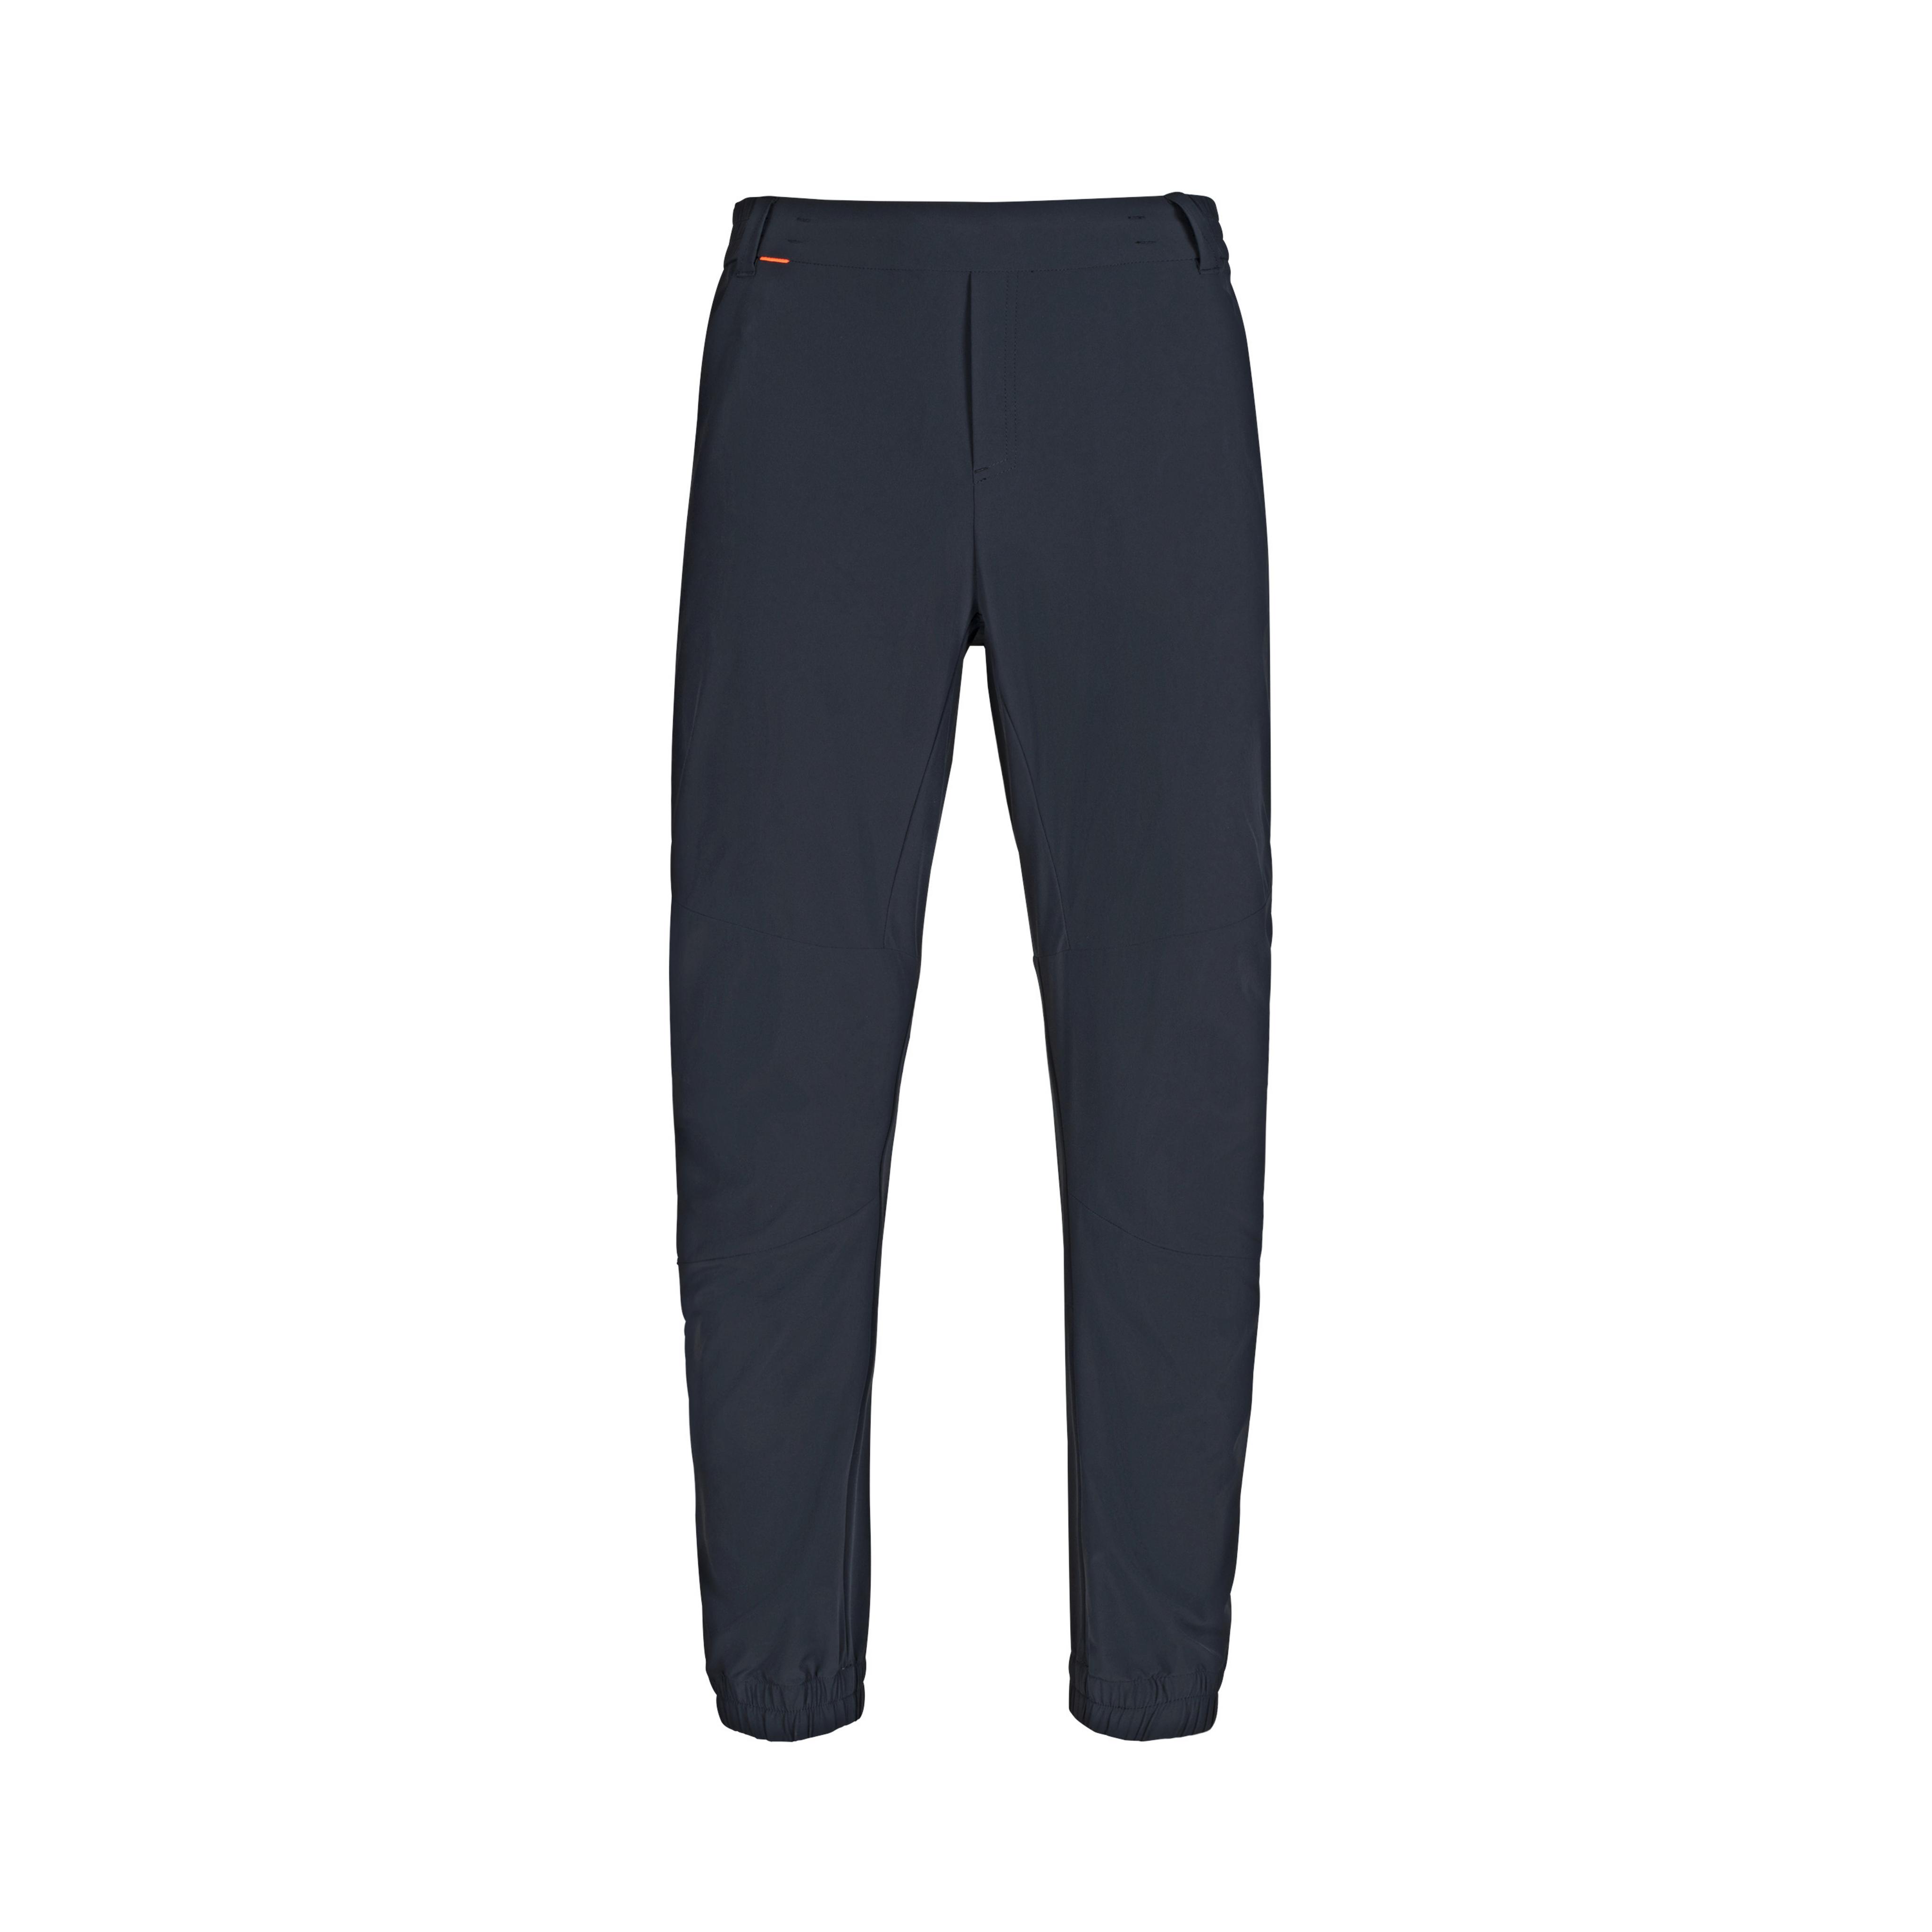 Crashiano Pants Men - black, normal, UK 28 thumbnail